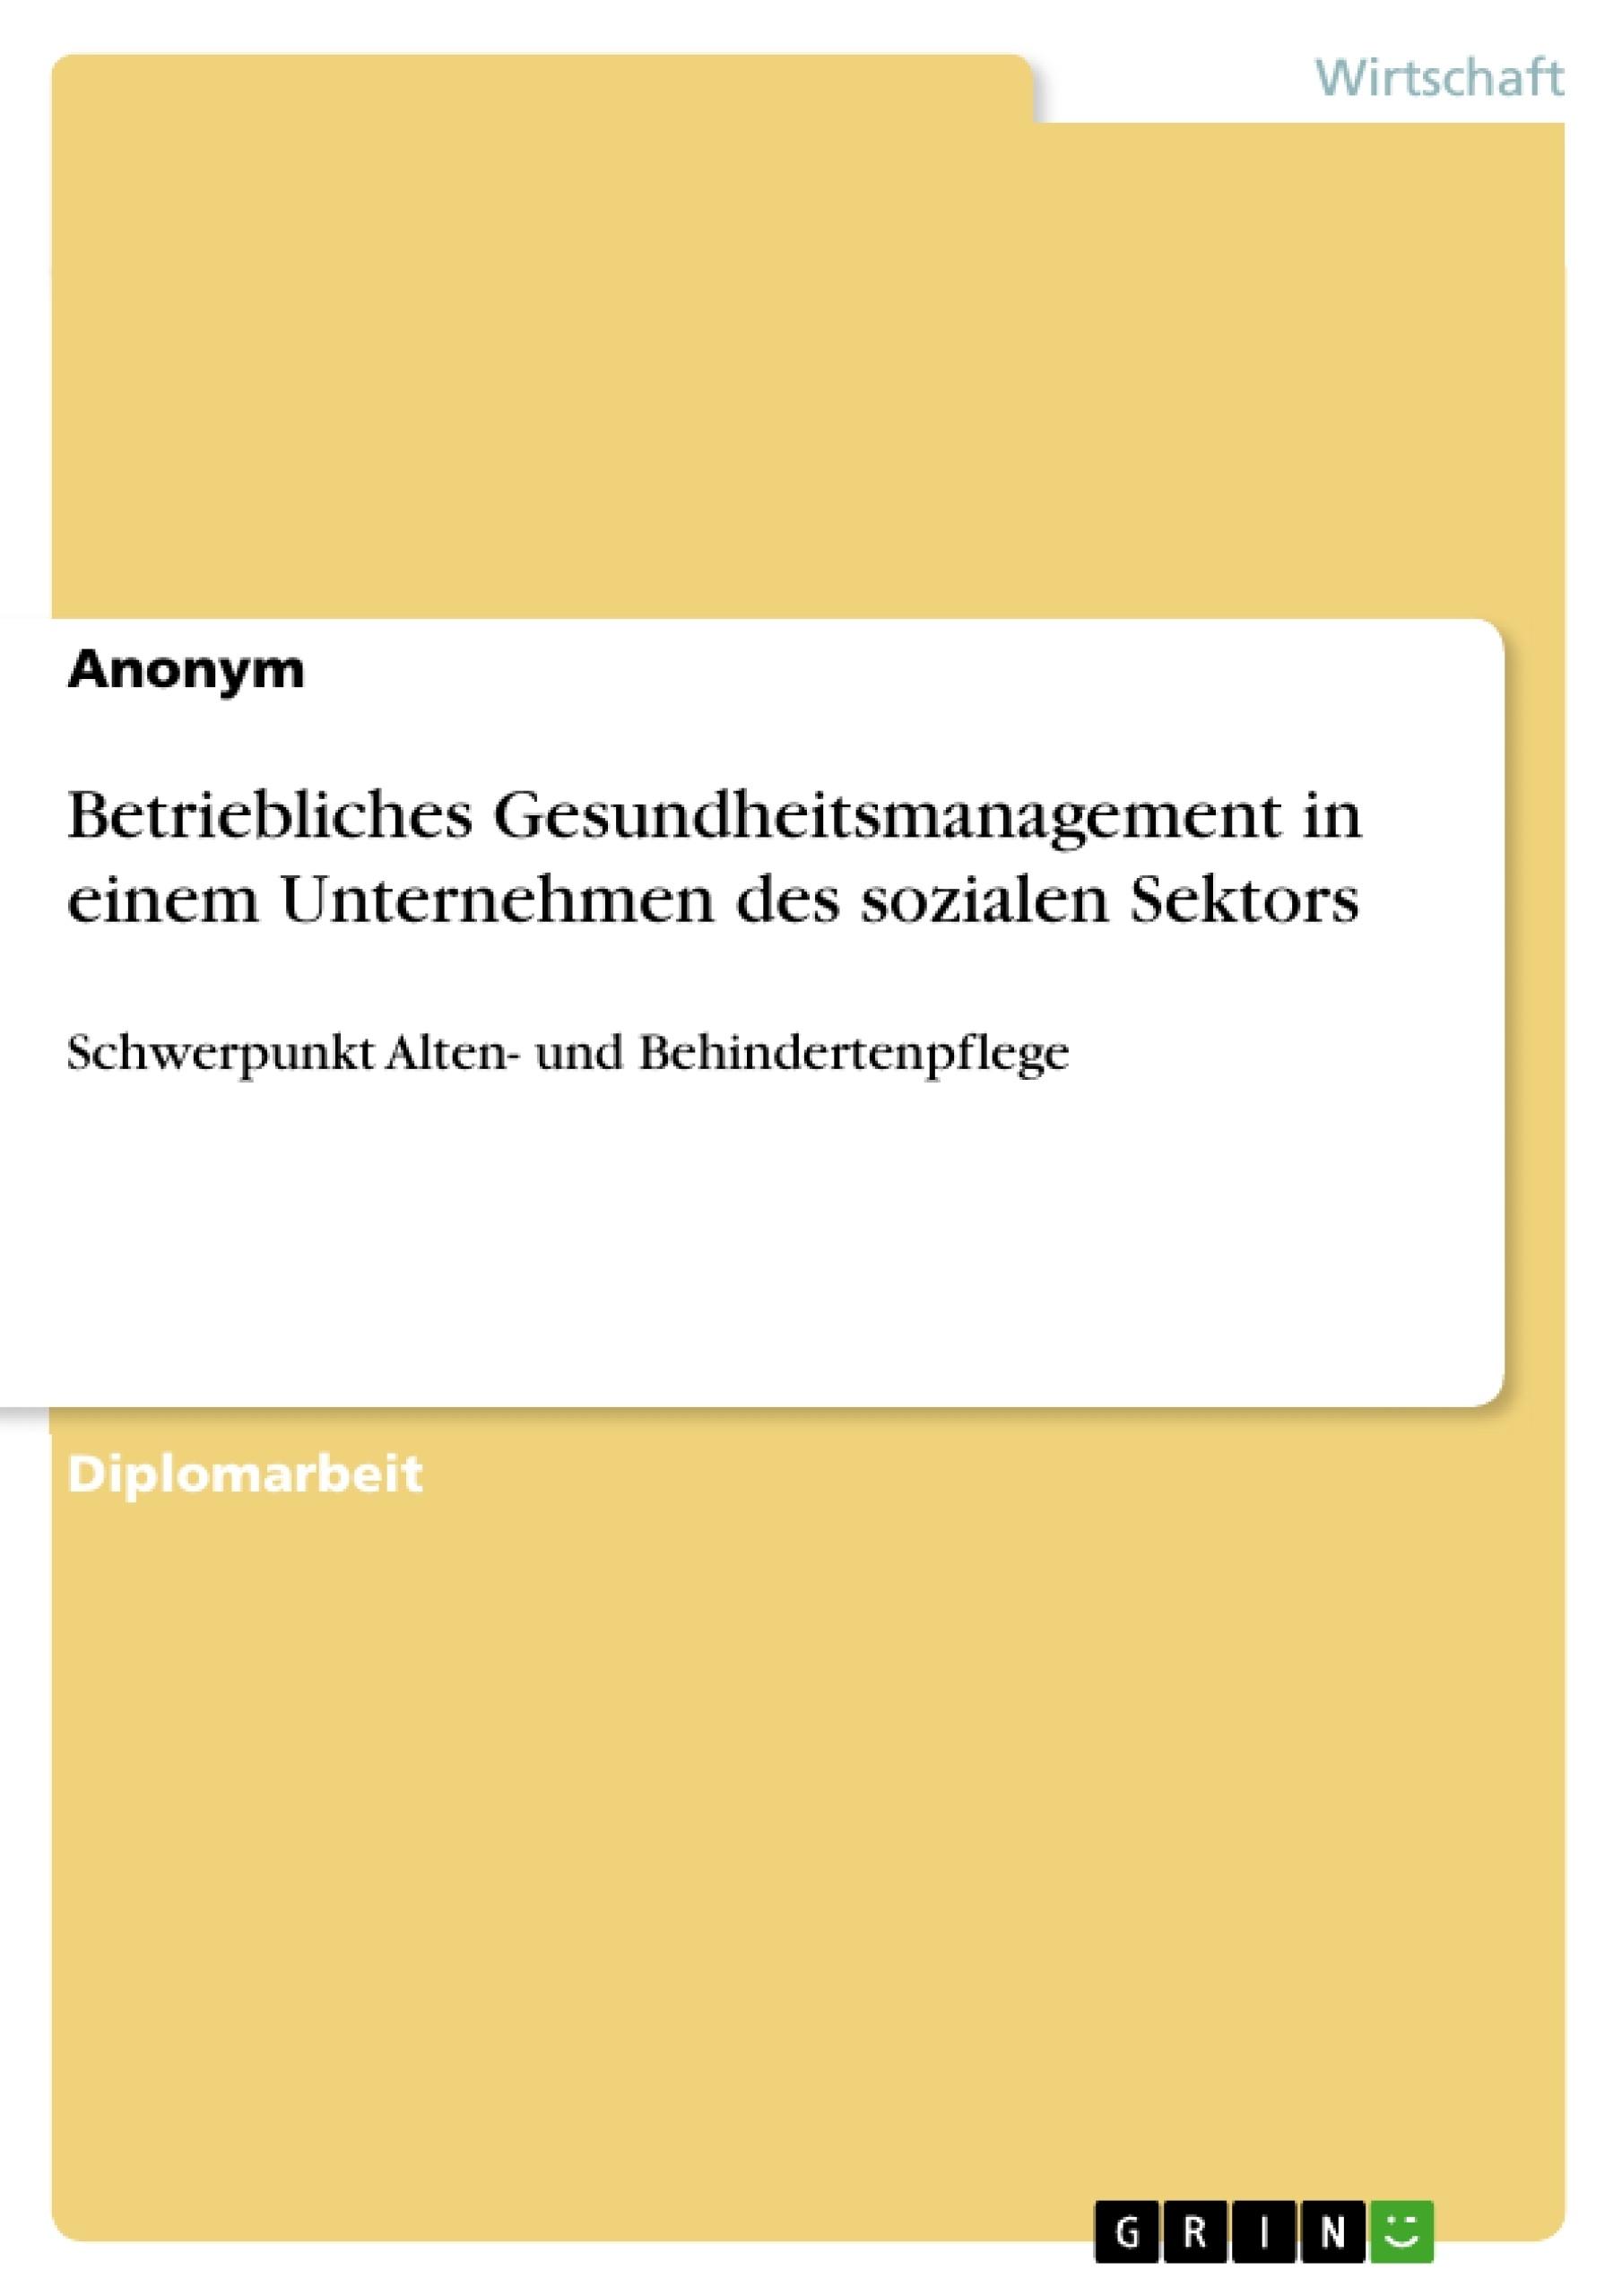 Titel: Betriebliches Gesundheitsmanagement in einem Unternehmen des sozialen Sektors